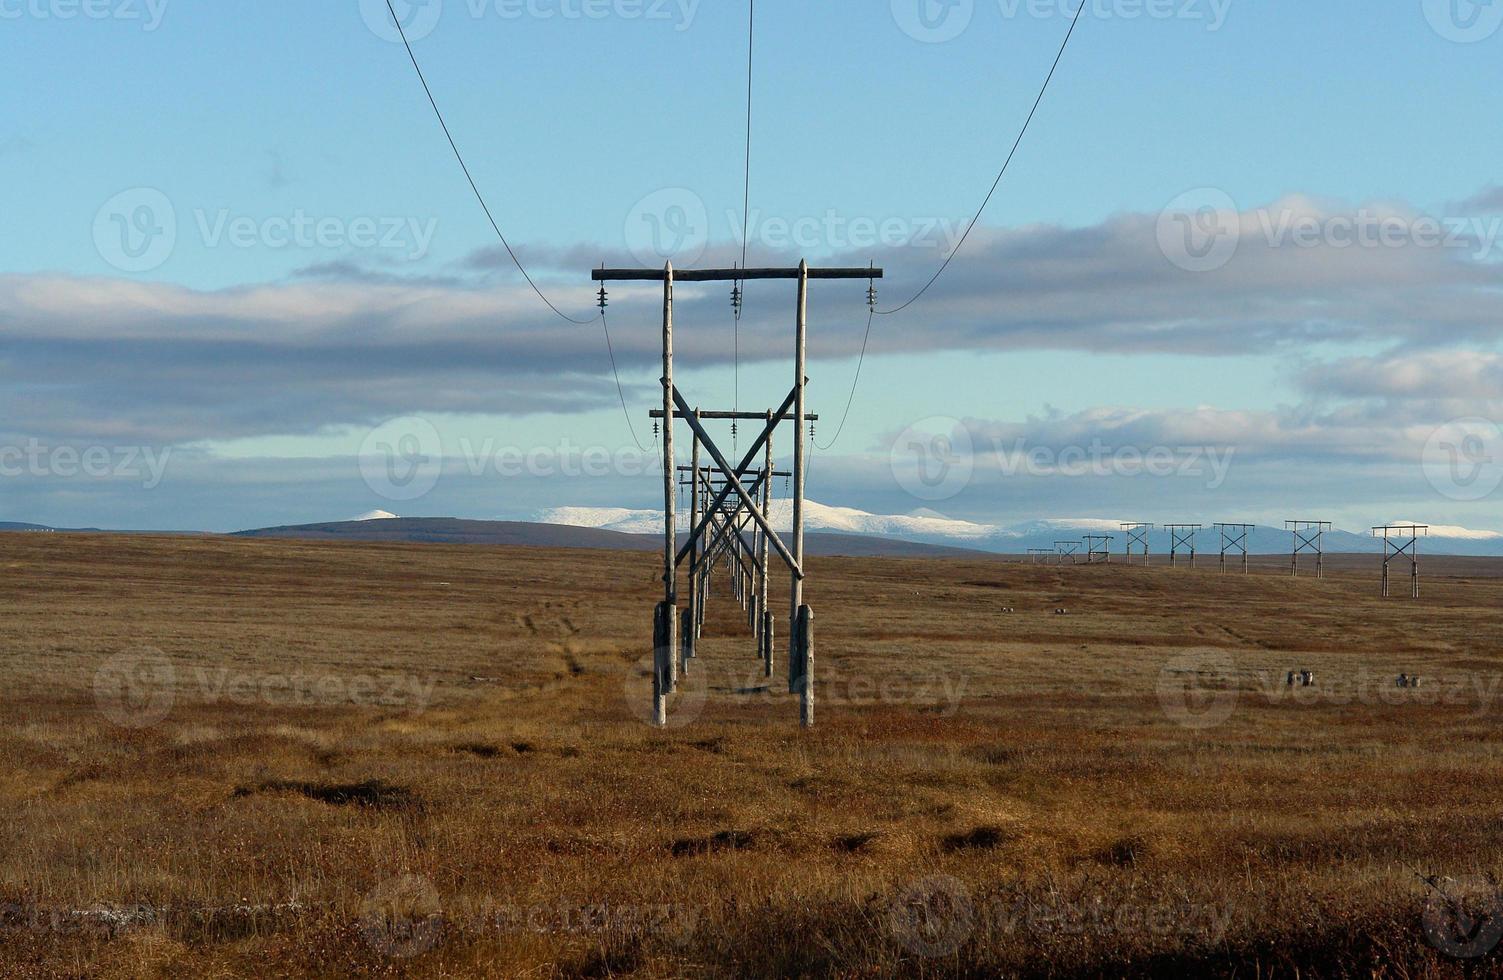 högspänningsledning i chukchitundran. foto